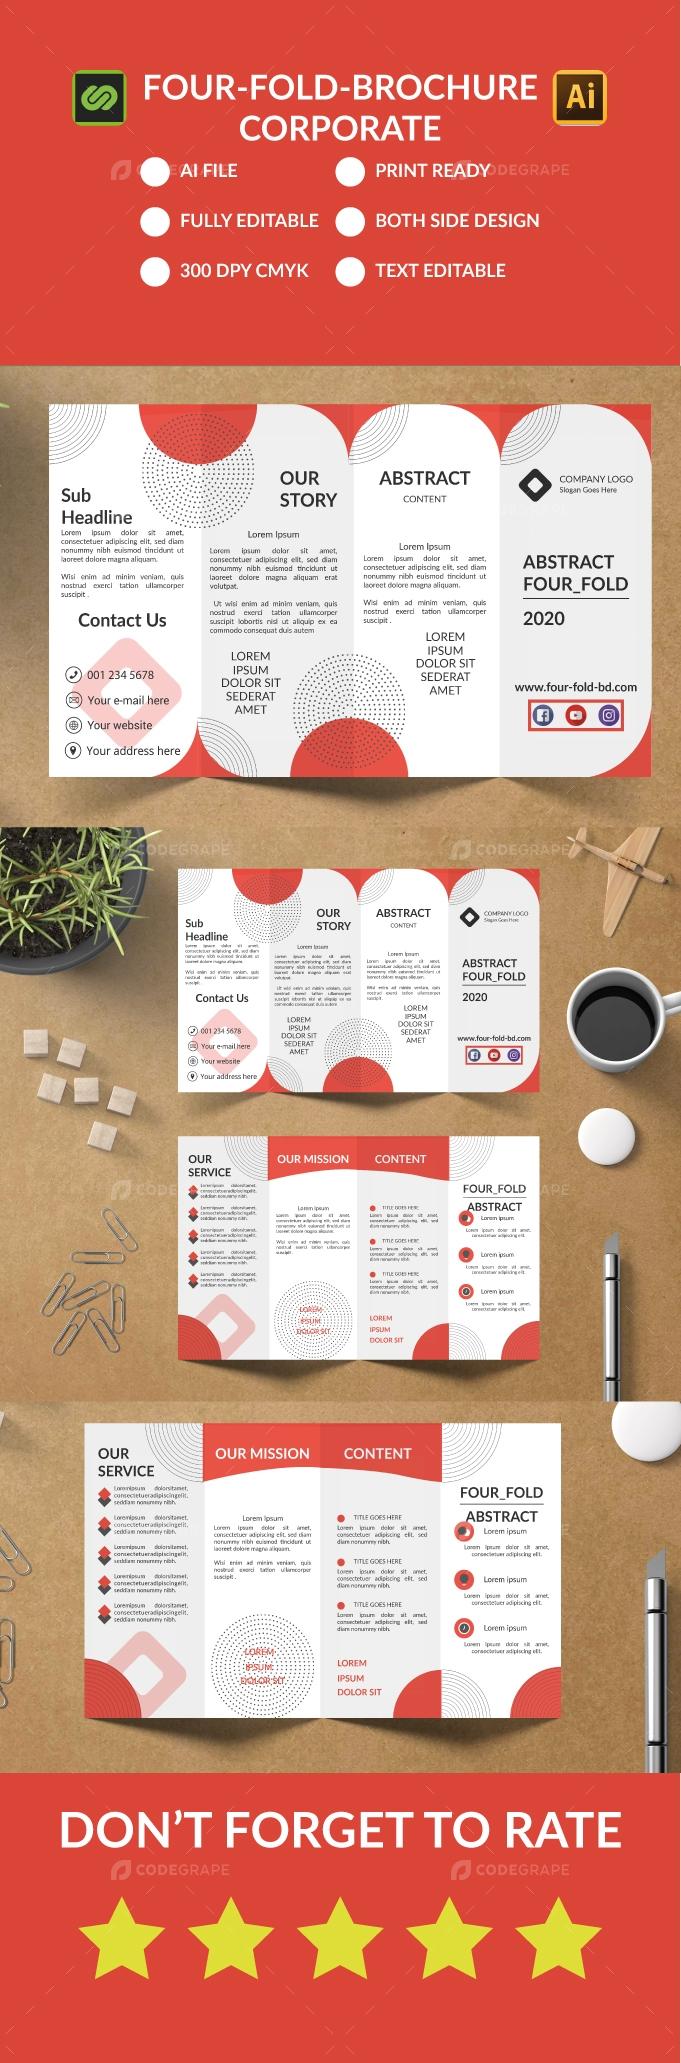 Four-Fold-Brochure